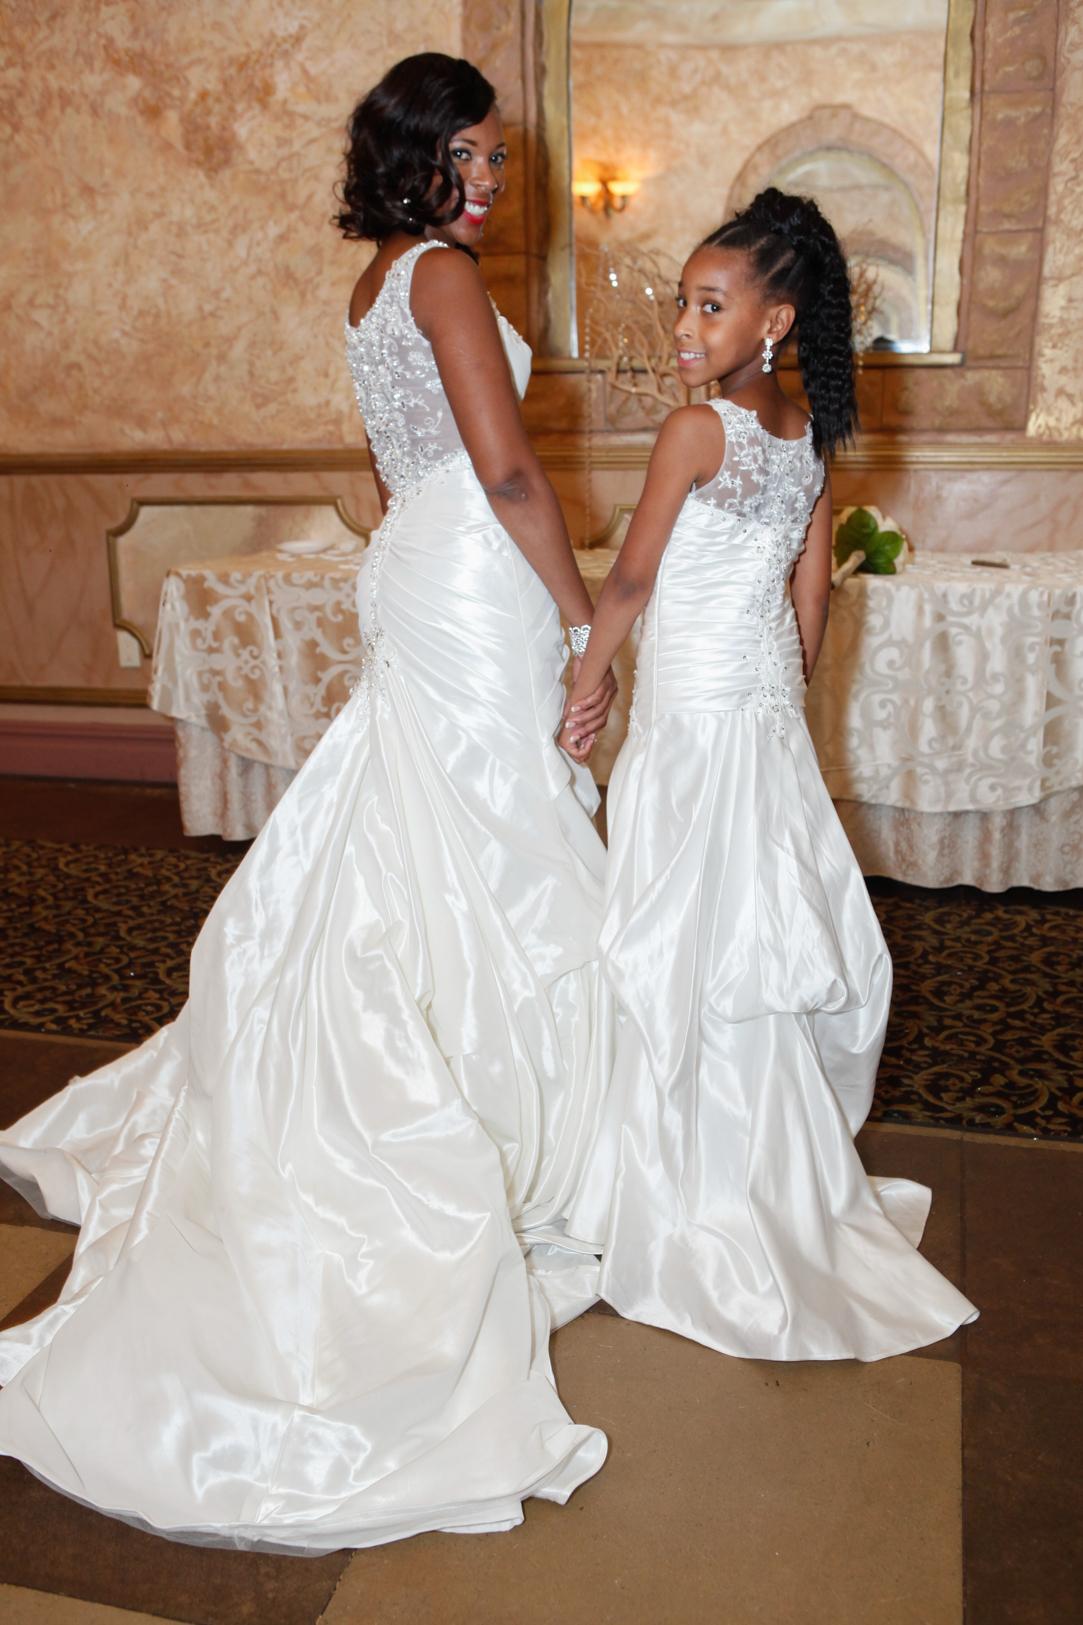 Brides Dress And Matching Flower Girl Dress